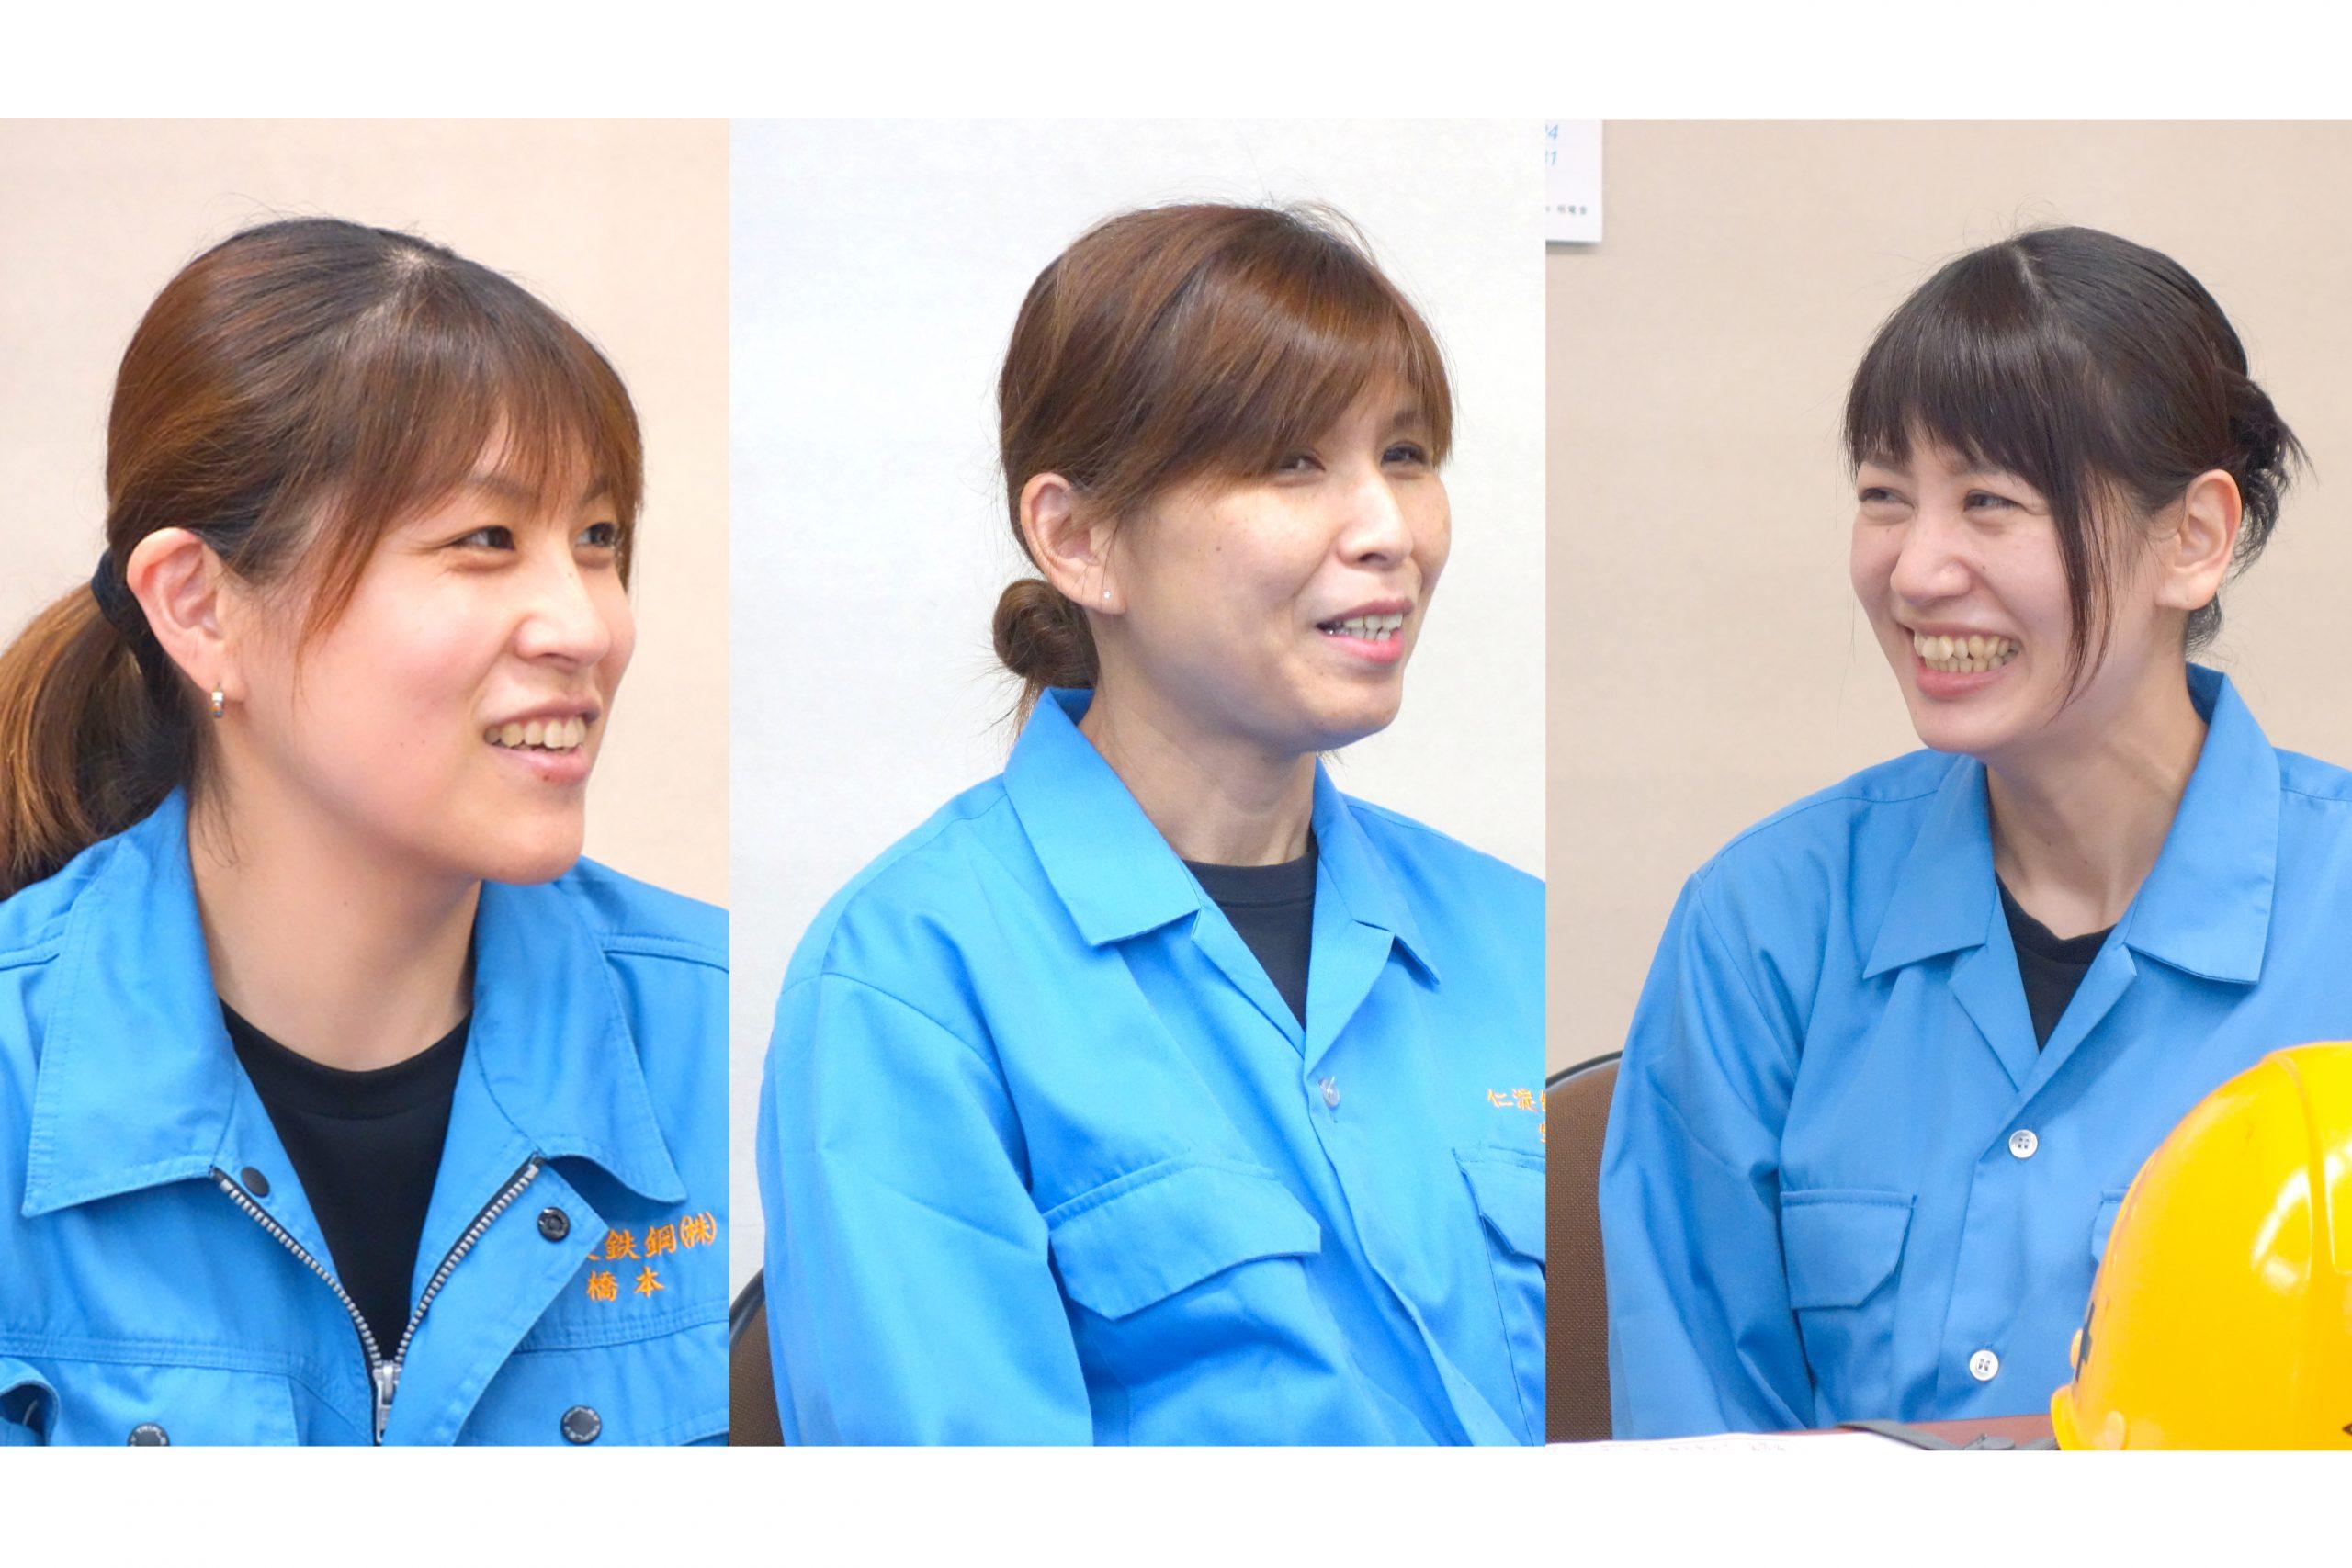 鉄鋼業界で働く/女性工場職編 座談会/女性が増え環境に変化/改善・提案にも意欲/規則的な勤務、決め手に